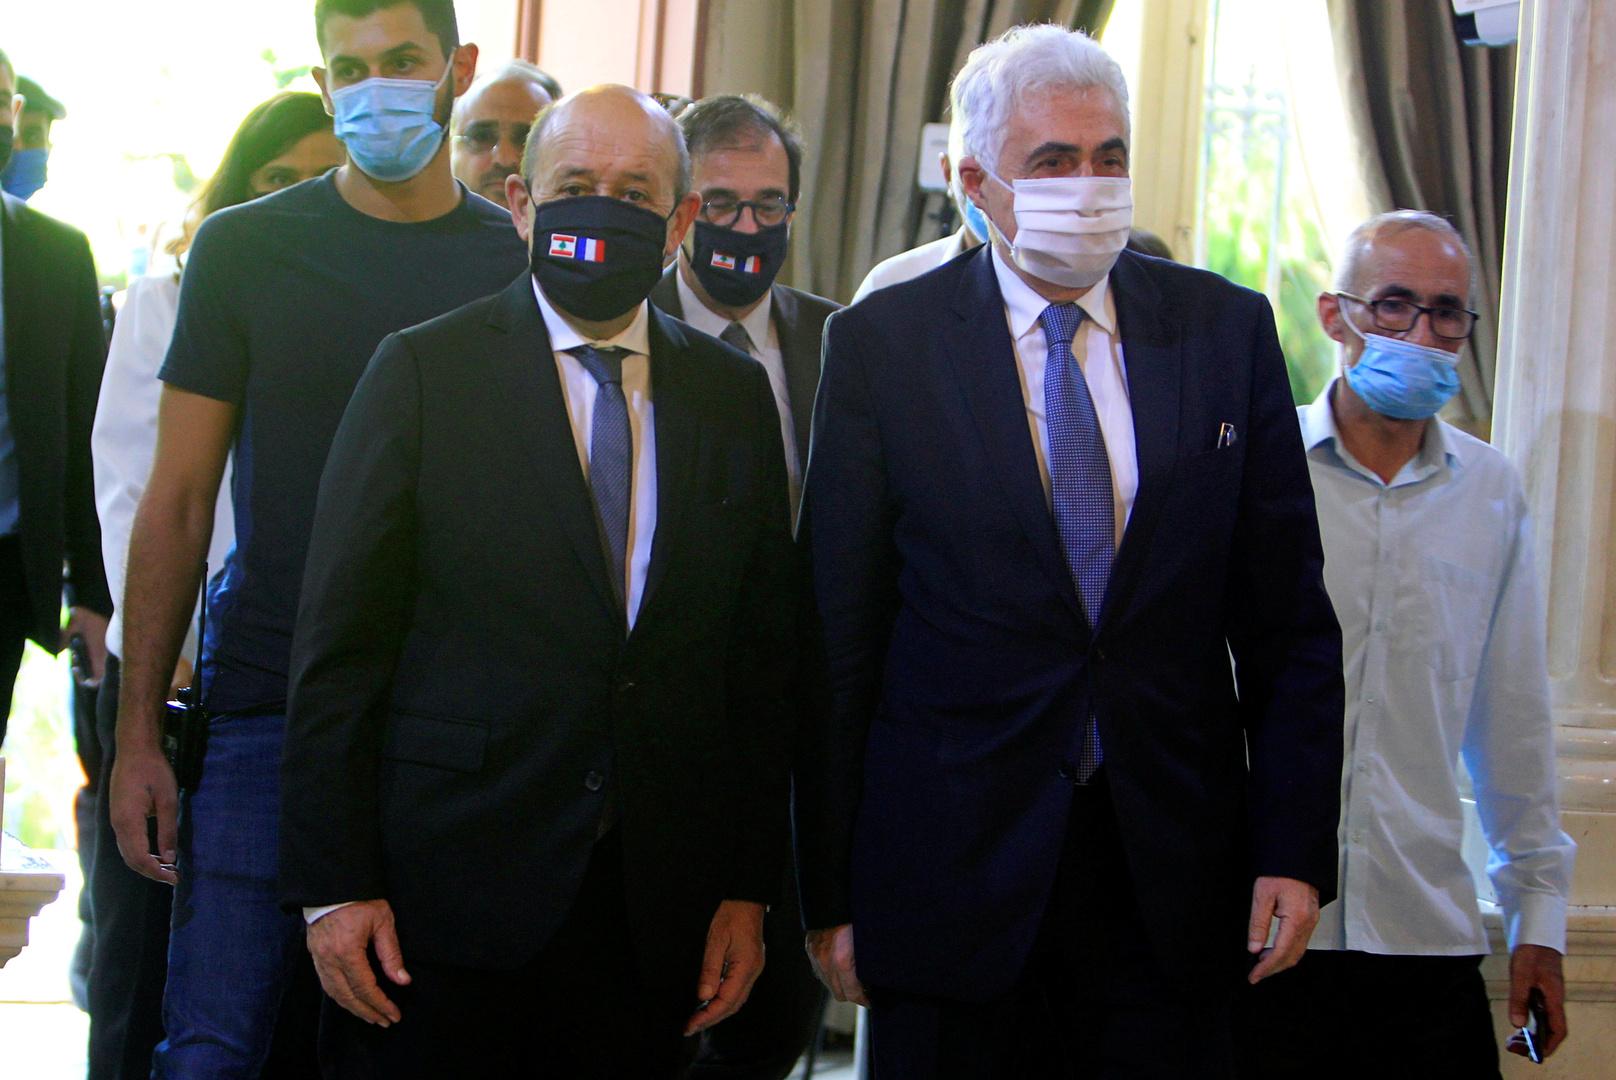 عون بعد تلقيه رسالة من ماكرون: نتطلع إلى مساعدة فرنسا بمسيرة الإصلاح ومكافحة الفساد